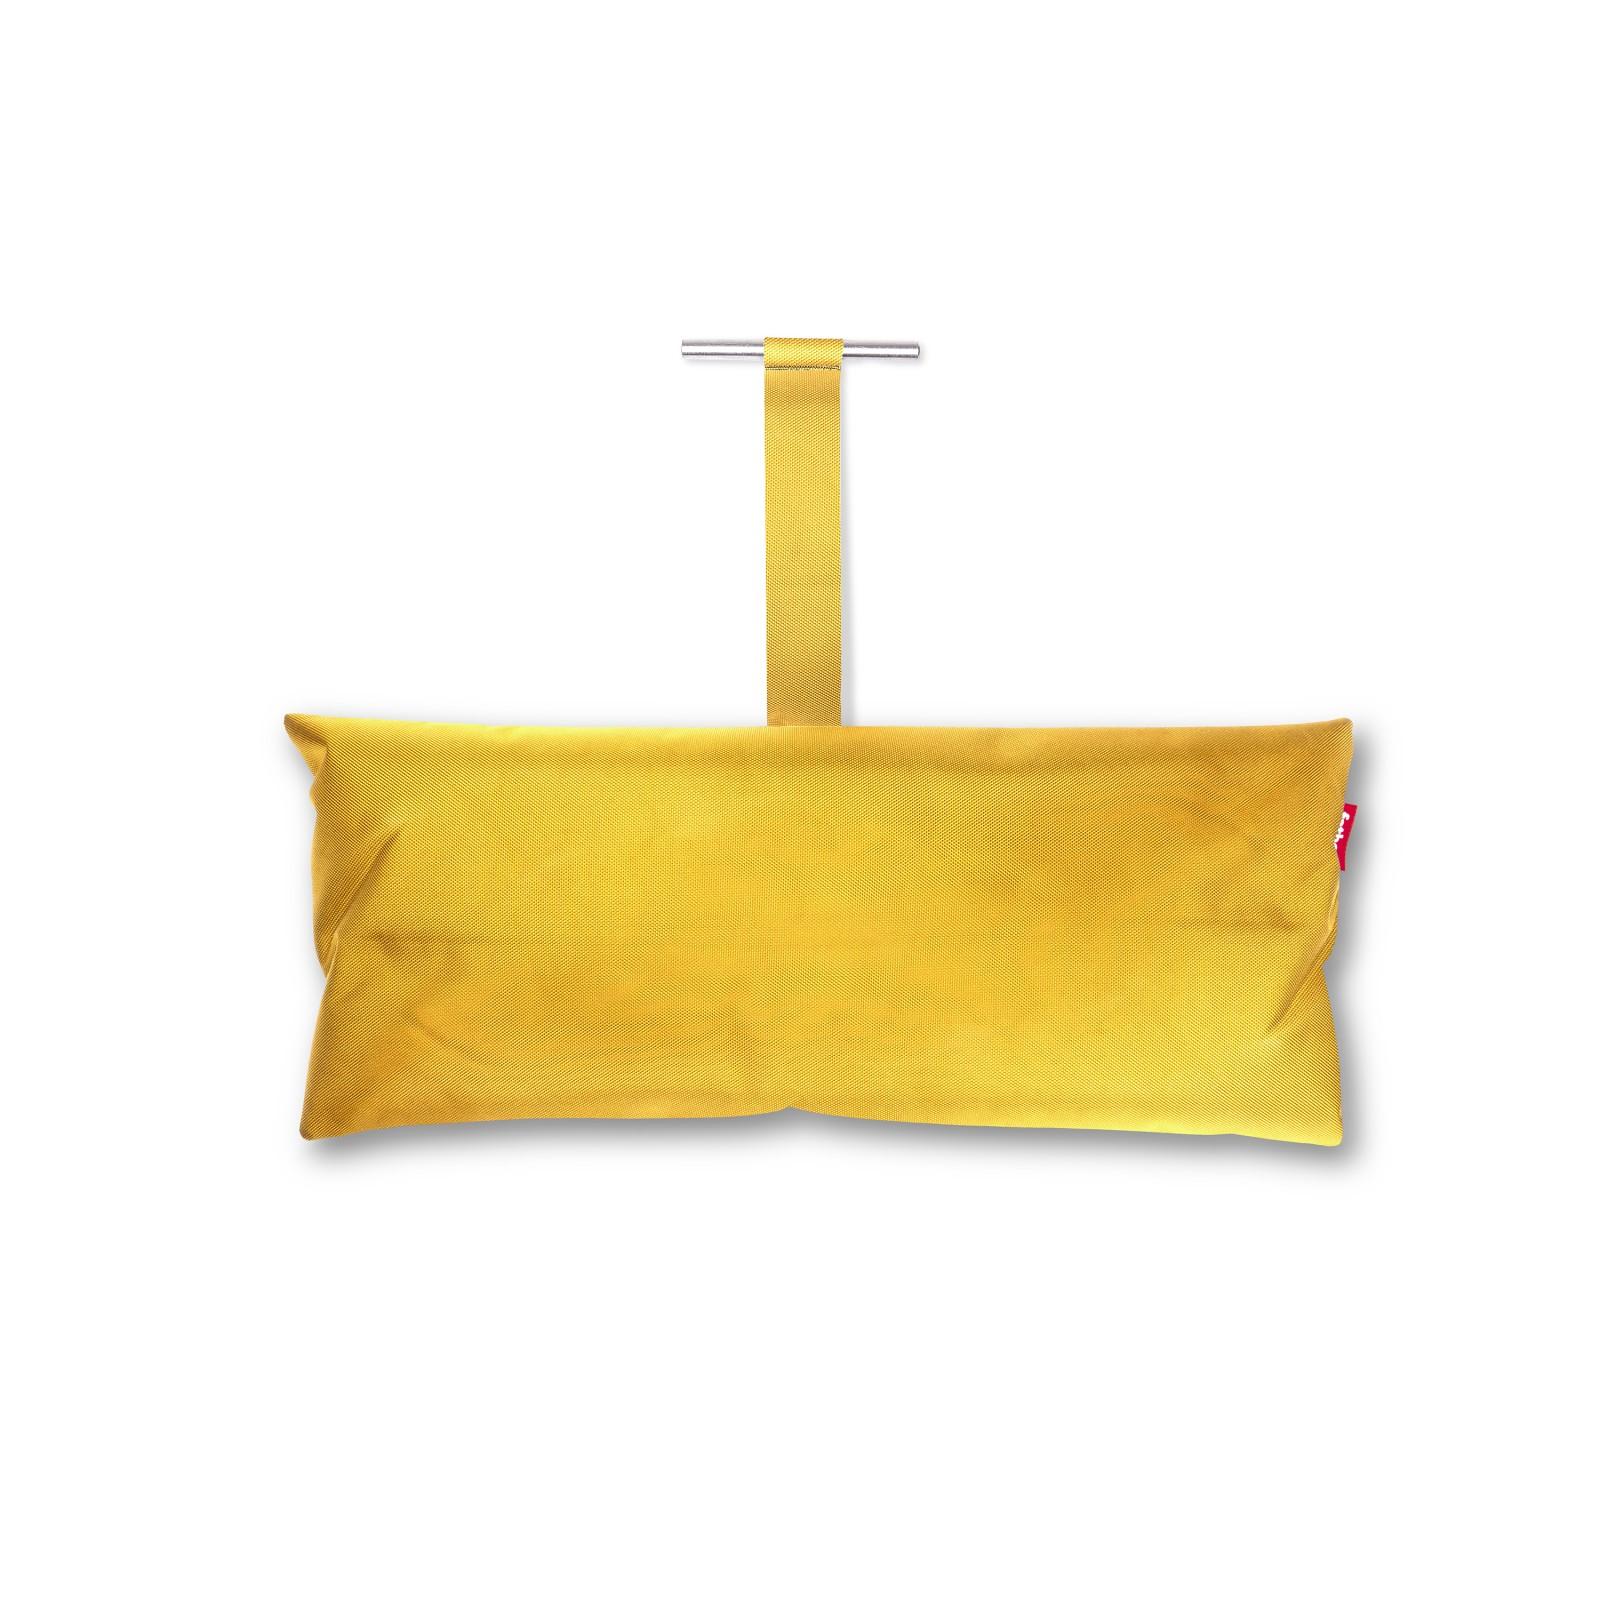 Headdemock Pillow Yellow Ochre